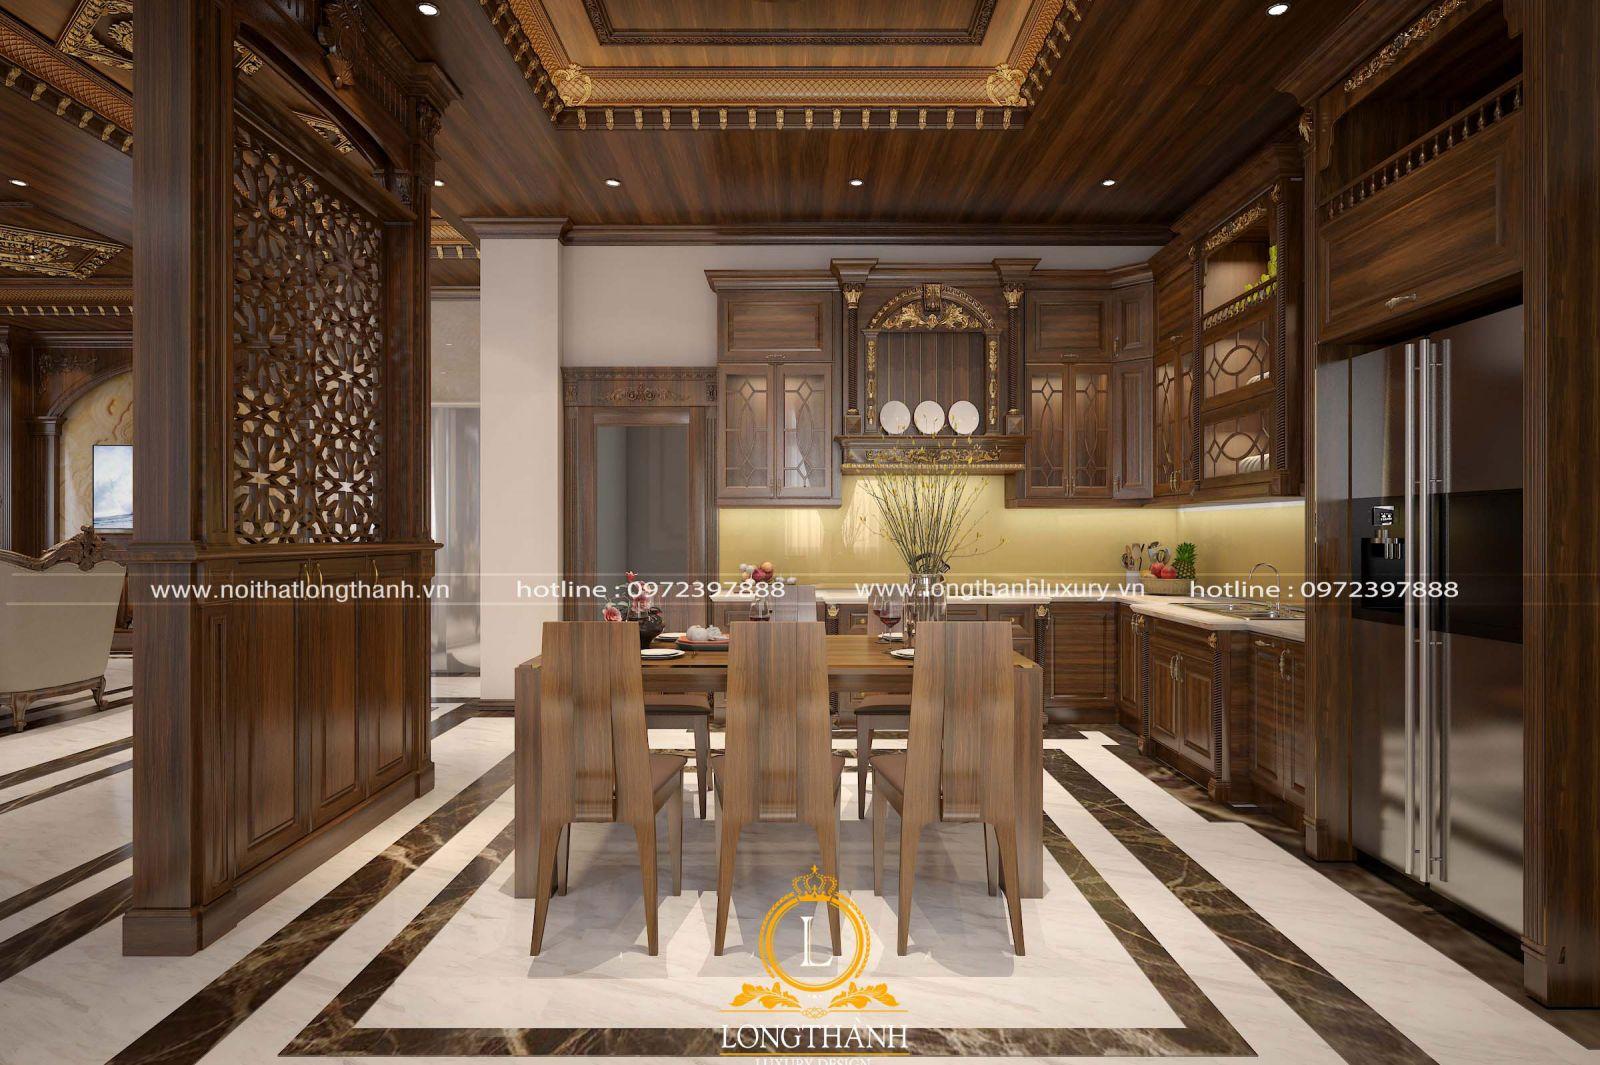 Thiết kế nội thất phòng bếp có gam màu nâu phù hợp với người mệnh Mộc